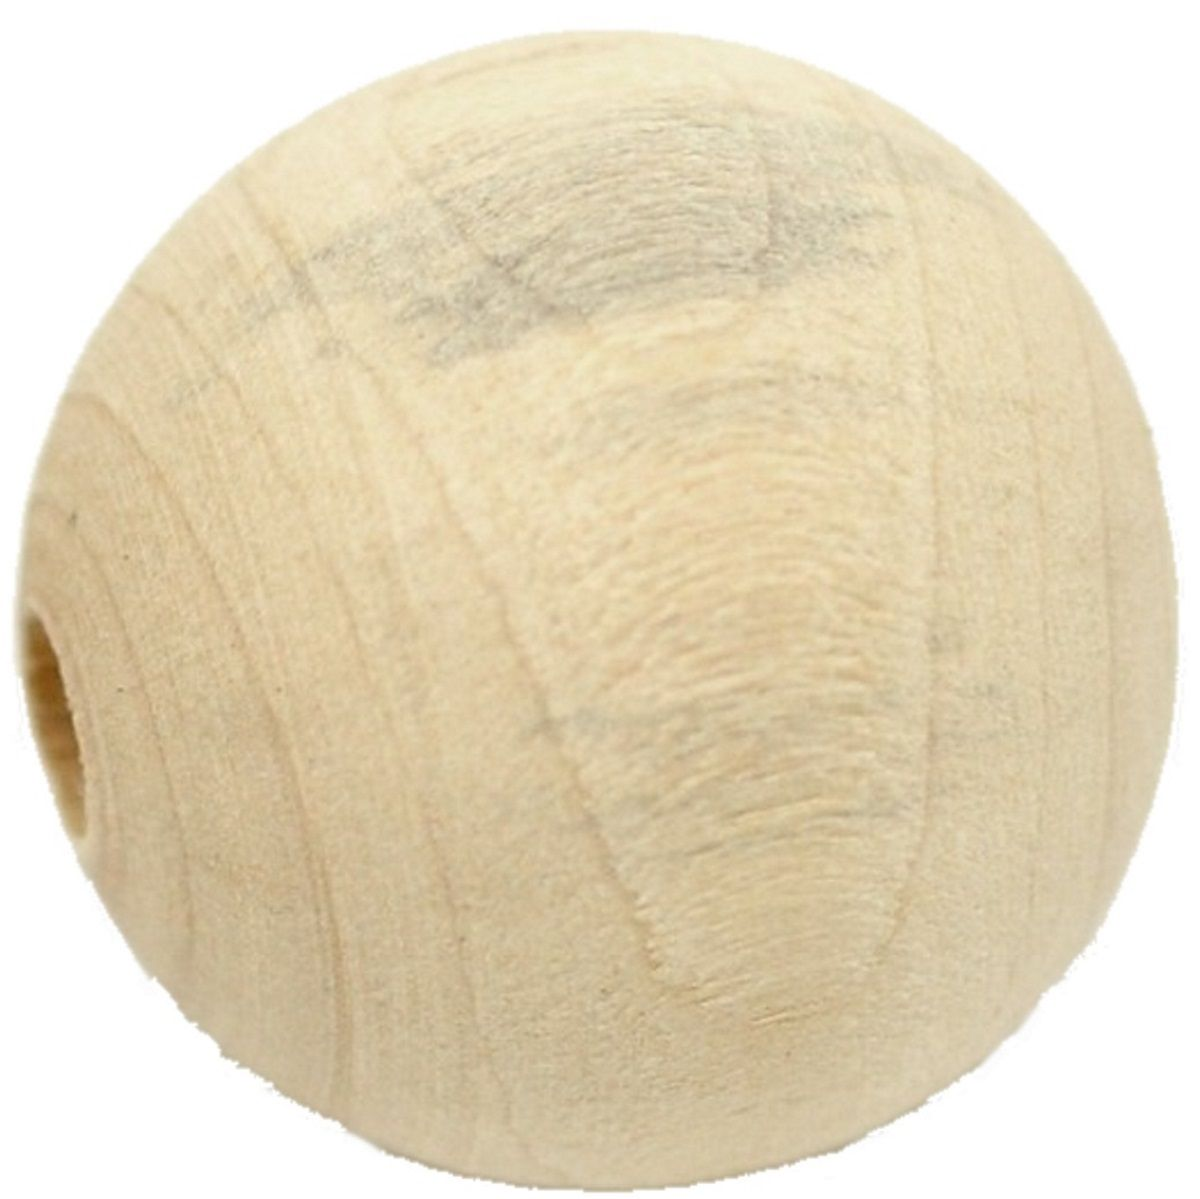 Holzperlen - 50 Stk. - Naturell - Ø 2,5 cm